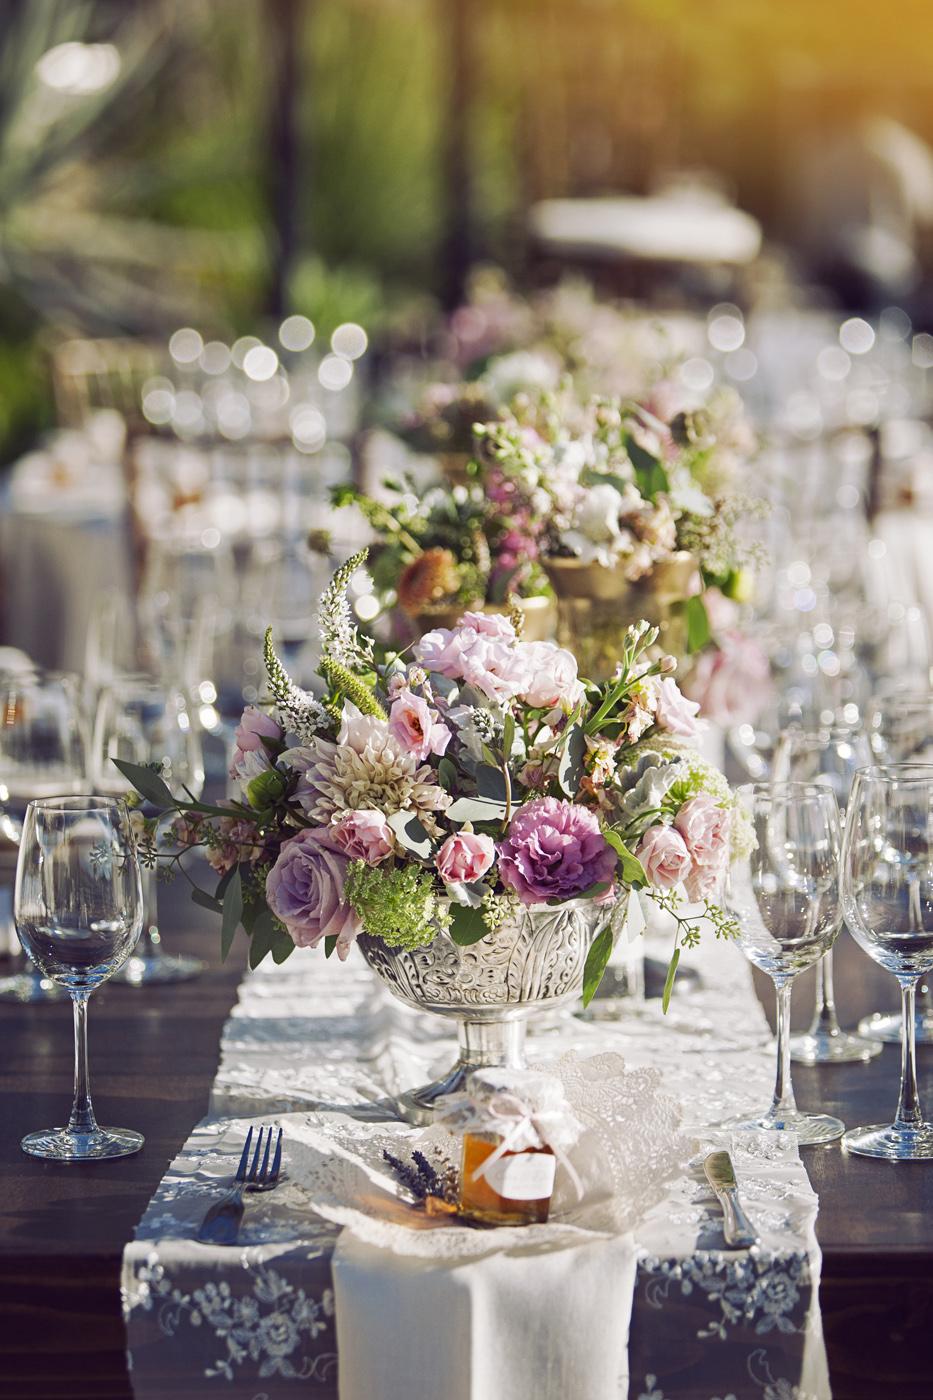 005_DukePhotography_DukeImages_Wedding_Details.jpg